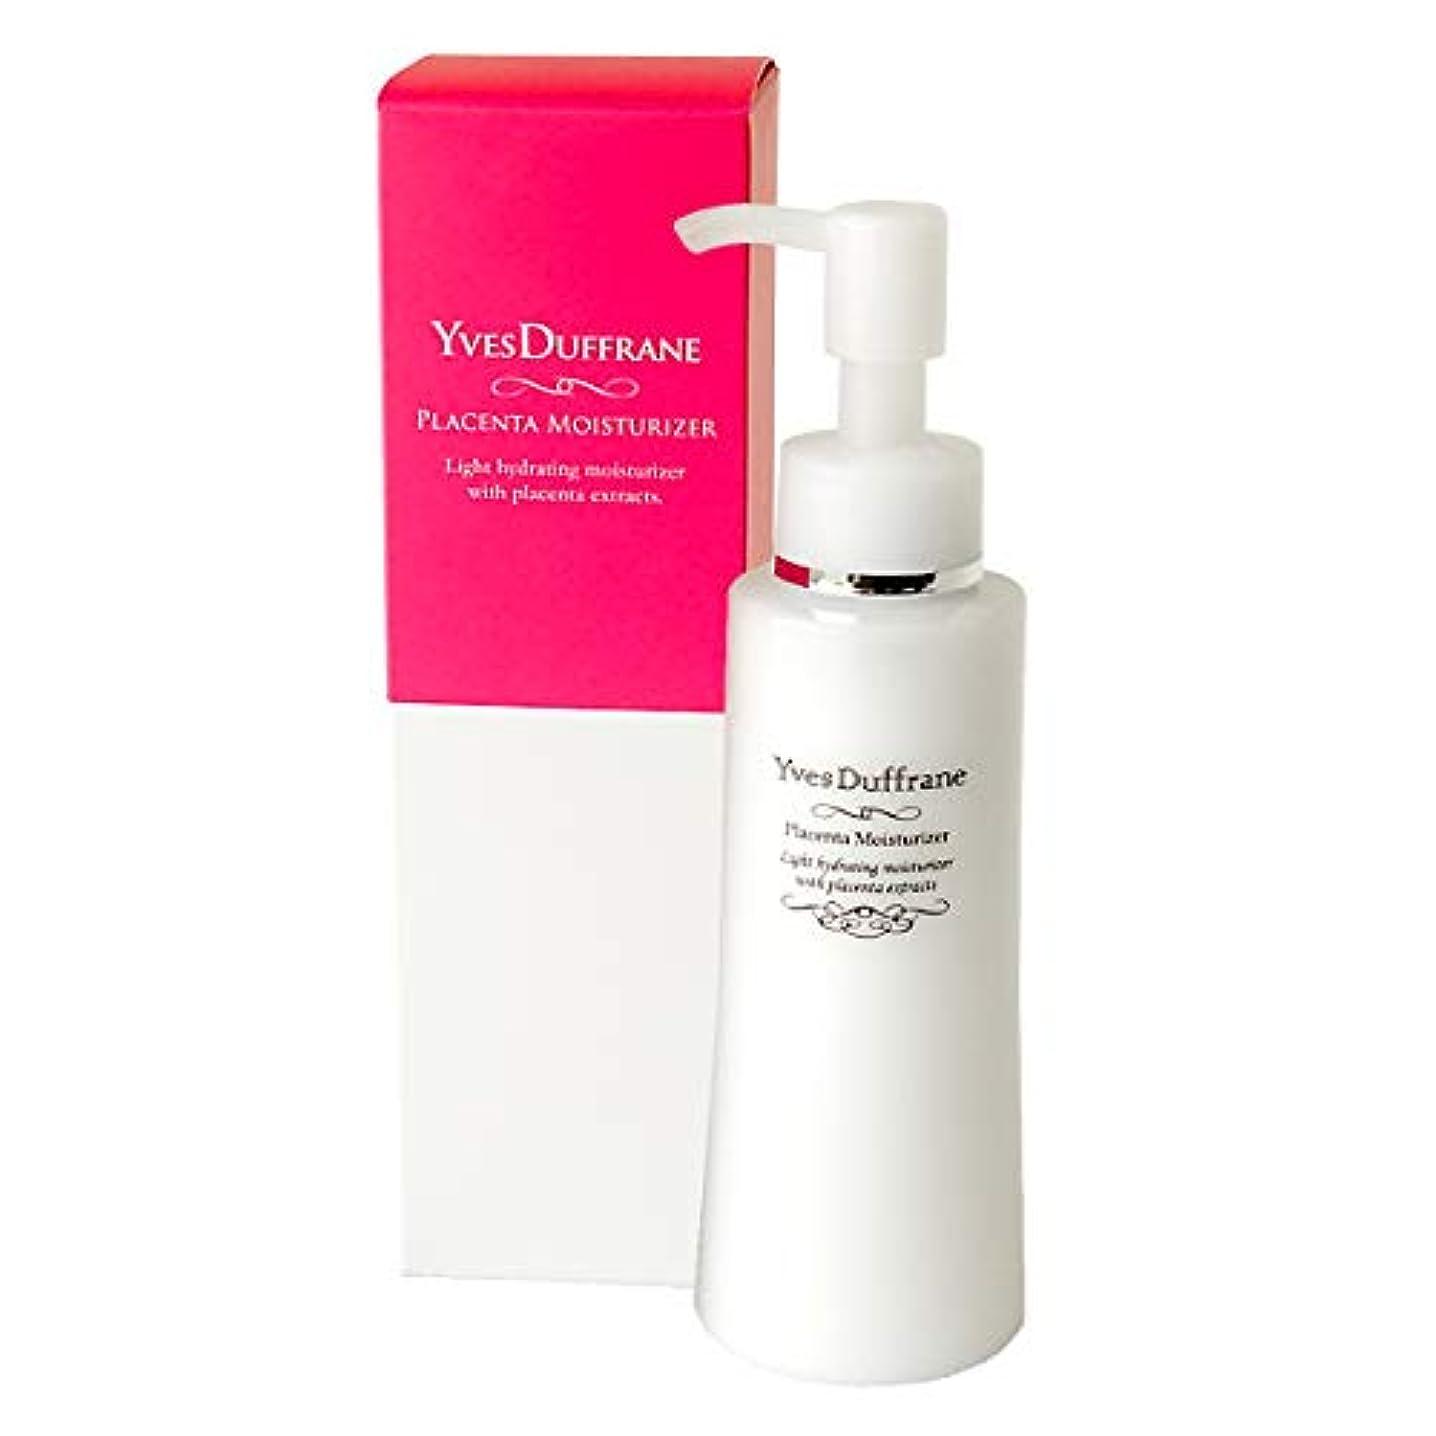 価値所持スクリーチプラセンタ 乳液 | ヒアルロン酸 高濃度プラセンタ | ターンオーバー 敏感肌 保湿